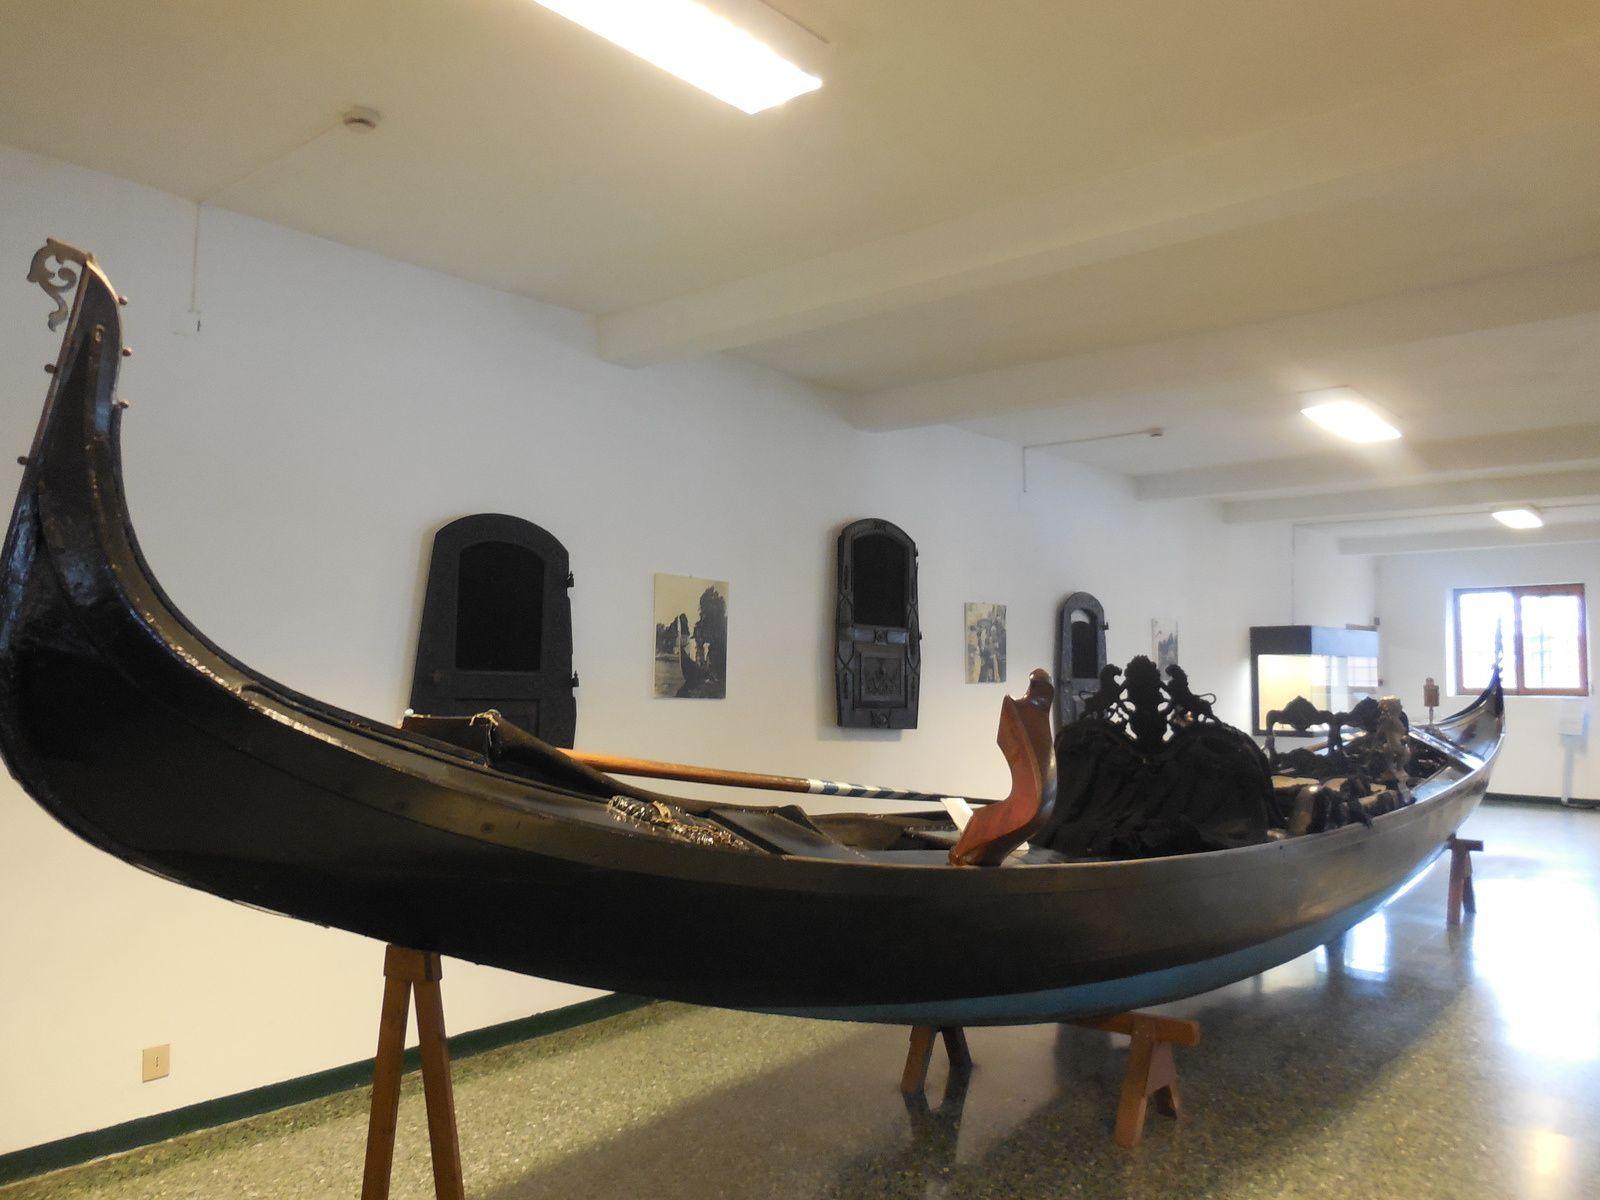 La gondole personnelle de Madame Peggy Guggenheim (gondole donnée au Musée après la mort de sa propriétaire)